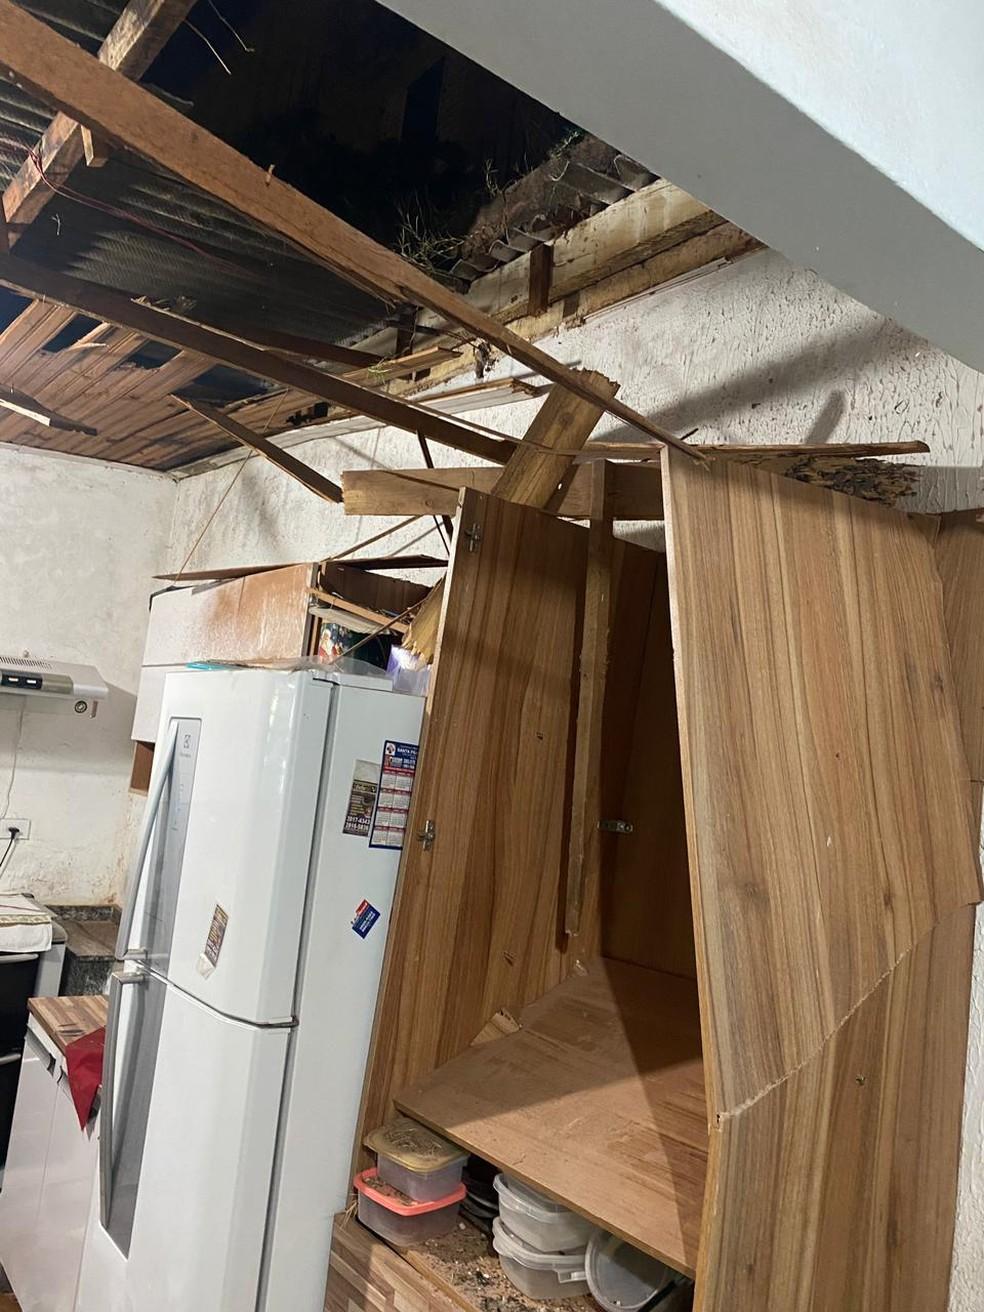 Cavalo caiu do telhado e parou na cozinha de uma casa em Presidente Prudente — Foto: Cedida/CCZ